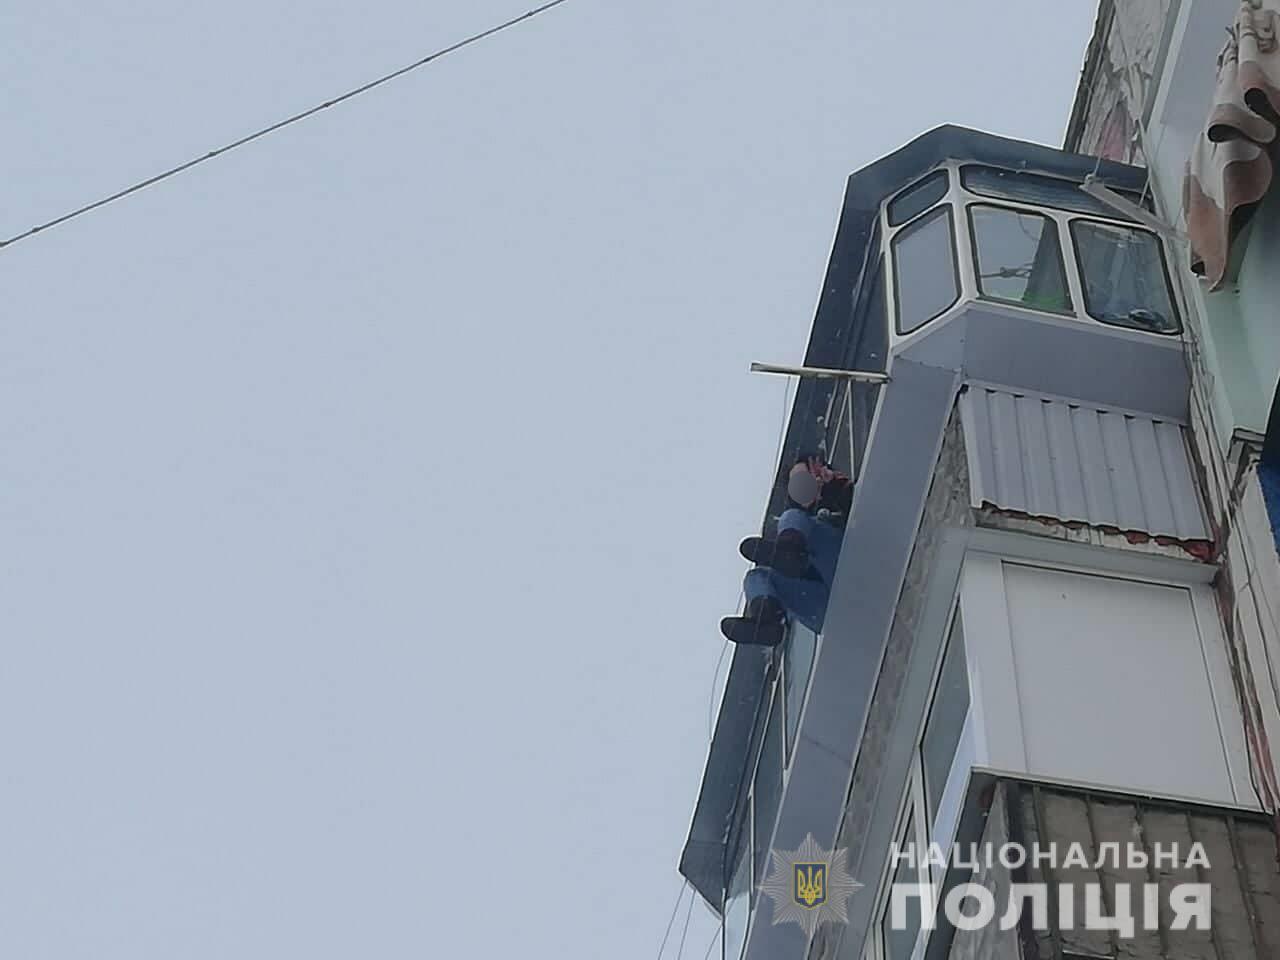 Под Киевом девушка сбежала из психиатрической больницы и пыталась свести счеты с жизнью